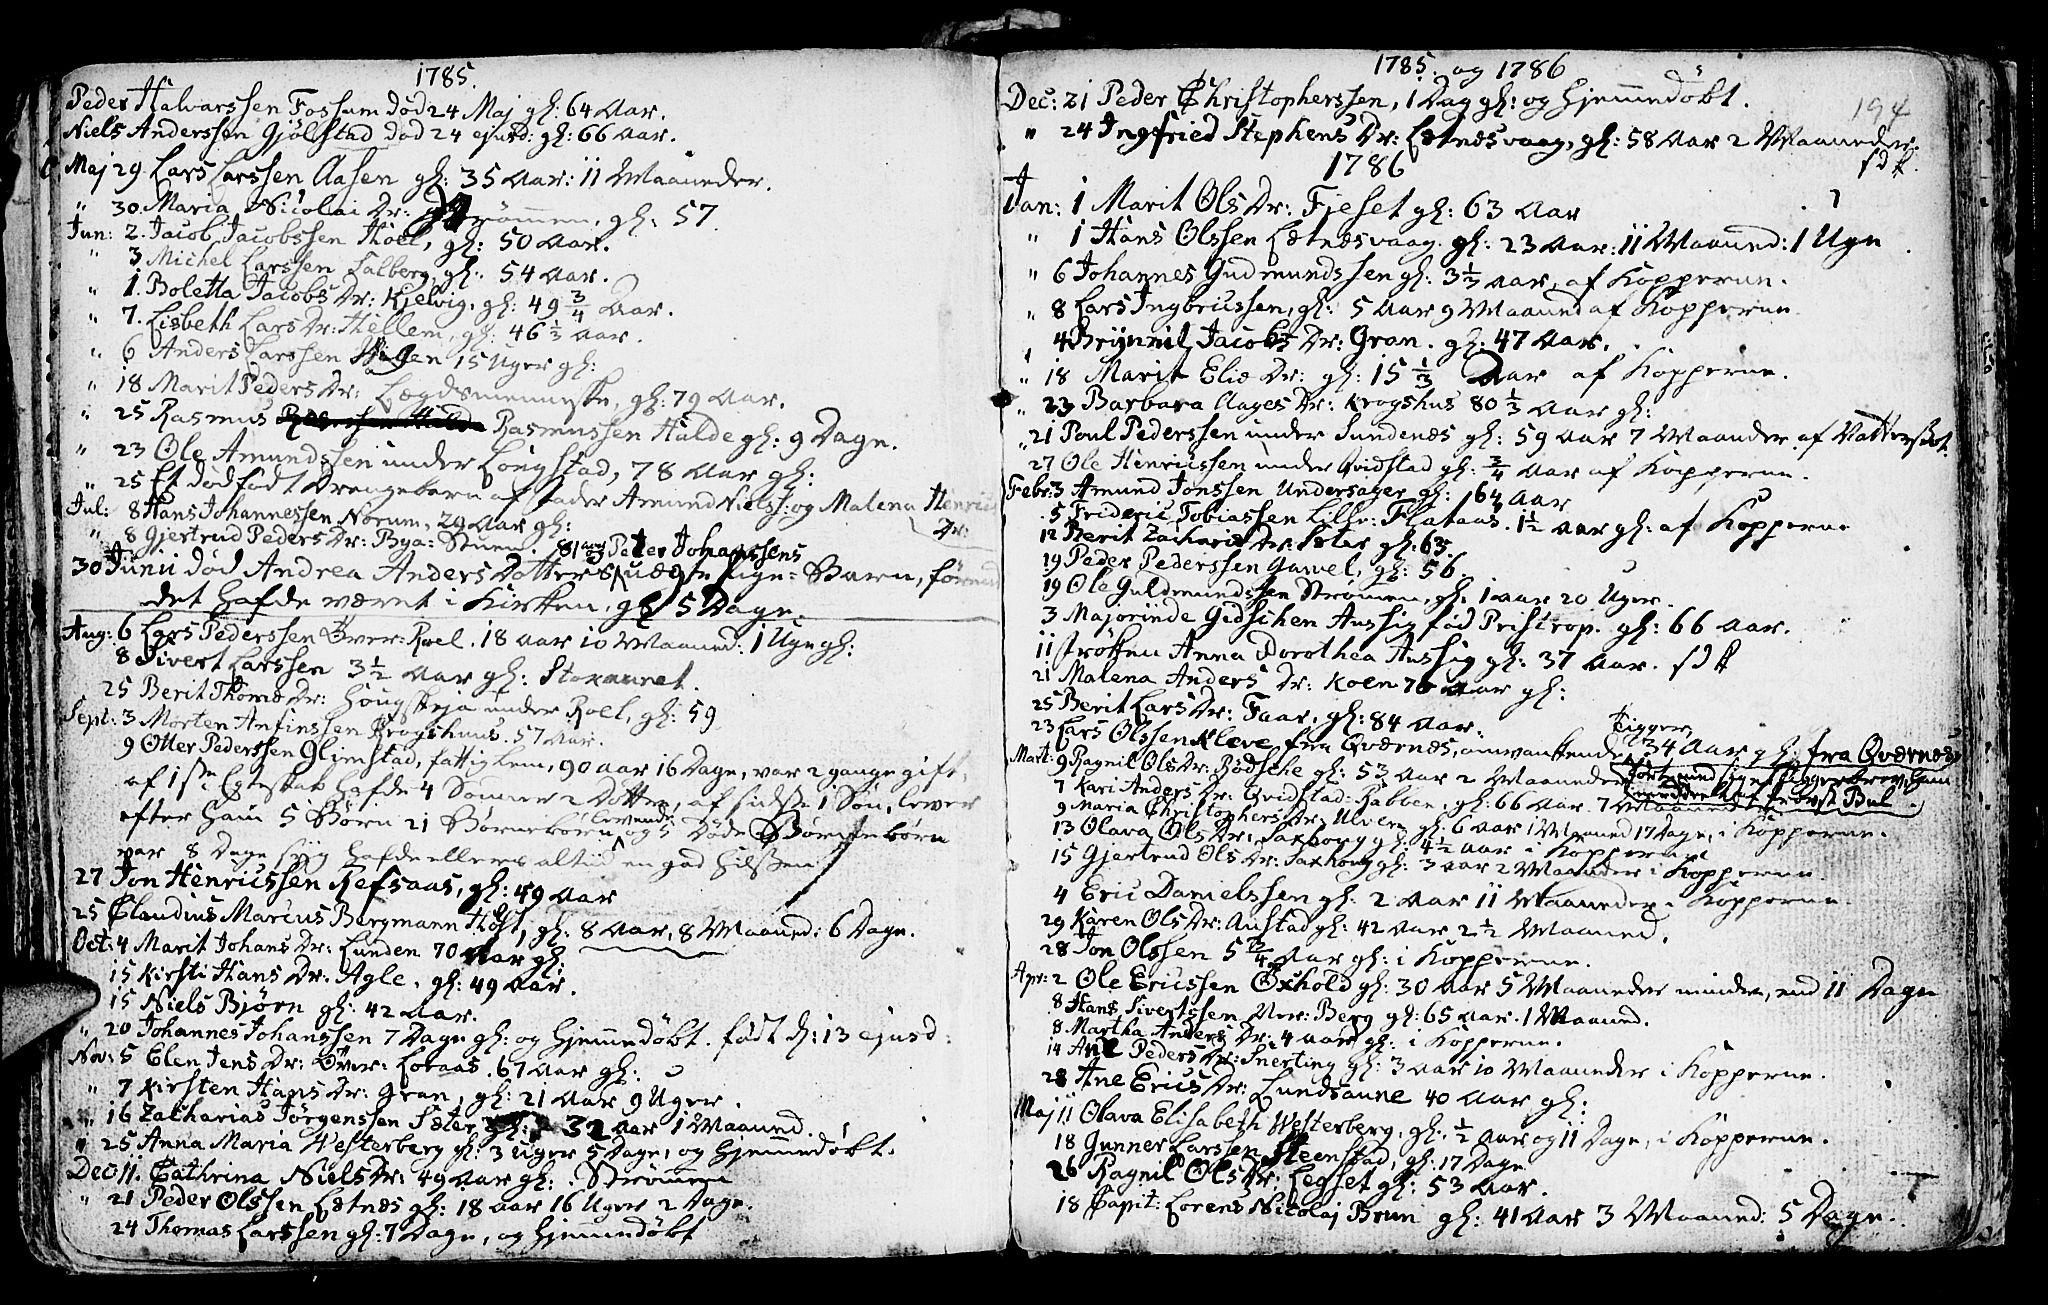 SAT, Ministerialprotokoller, klokkerbøker og fødselsregistre - Nord-Trøndelag, 730/L0273: Ministerialbok nr. 730A02, 1762-1802, s. 194